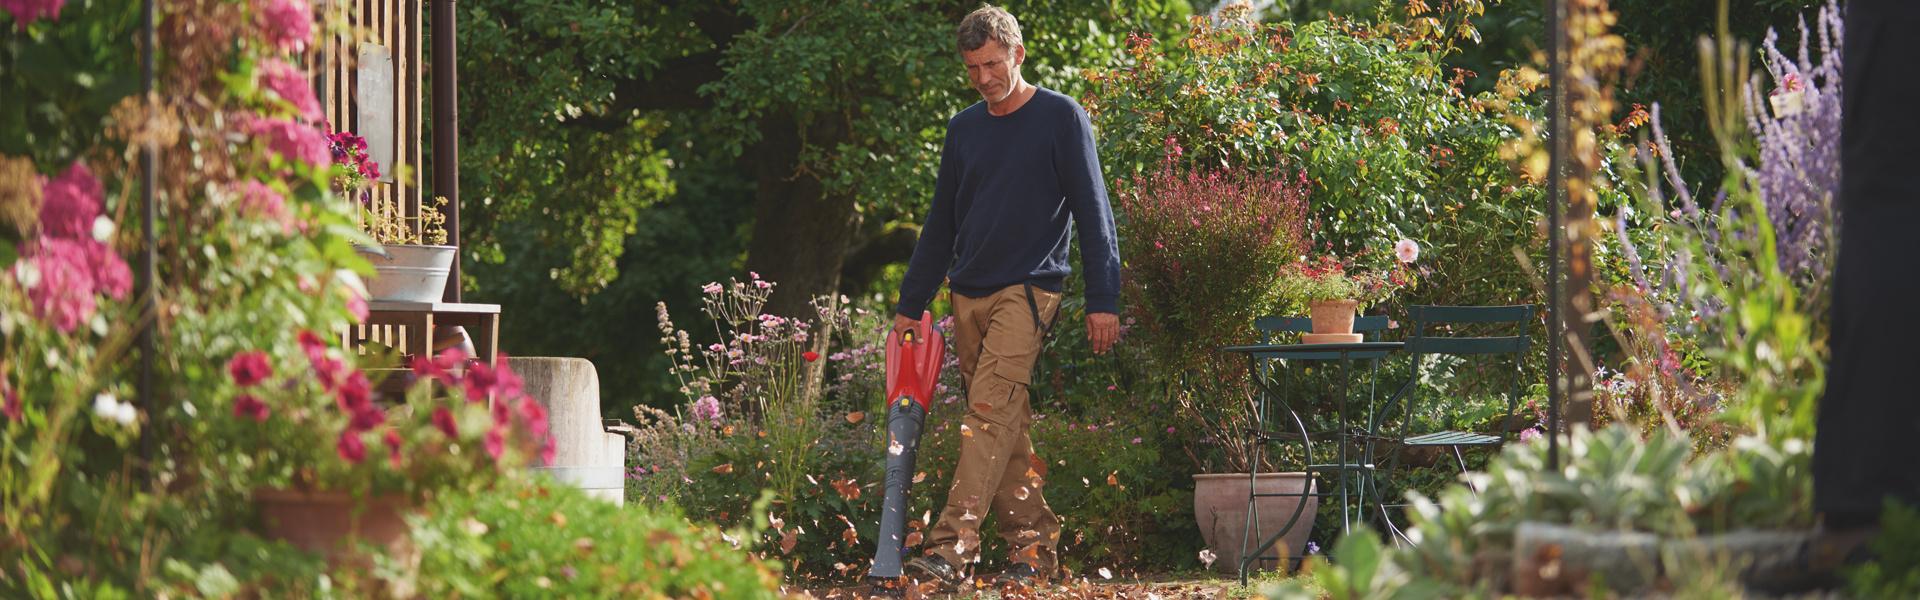 72V Gardening Tools | WOLF-Garten